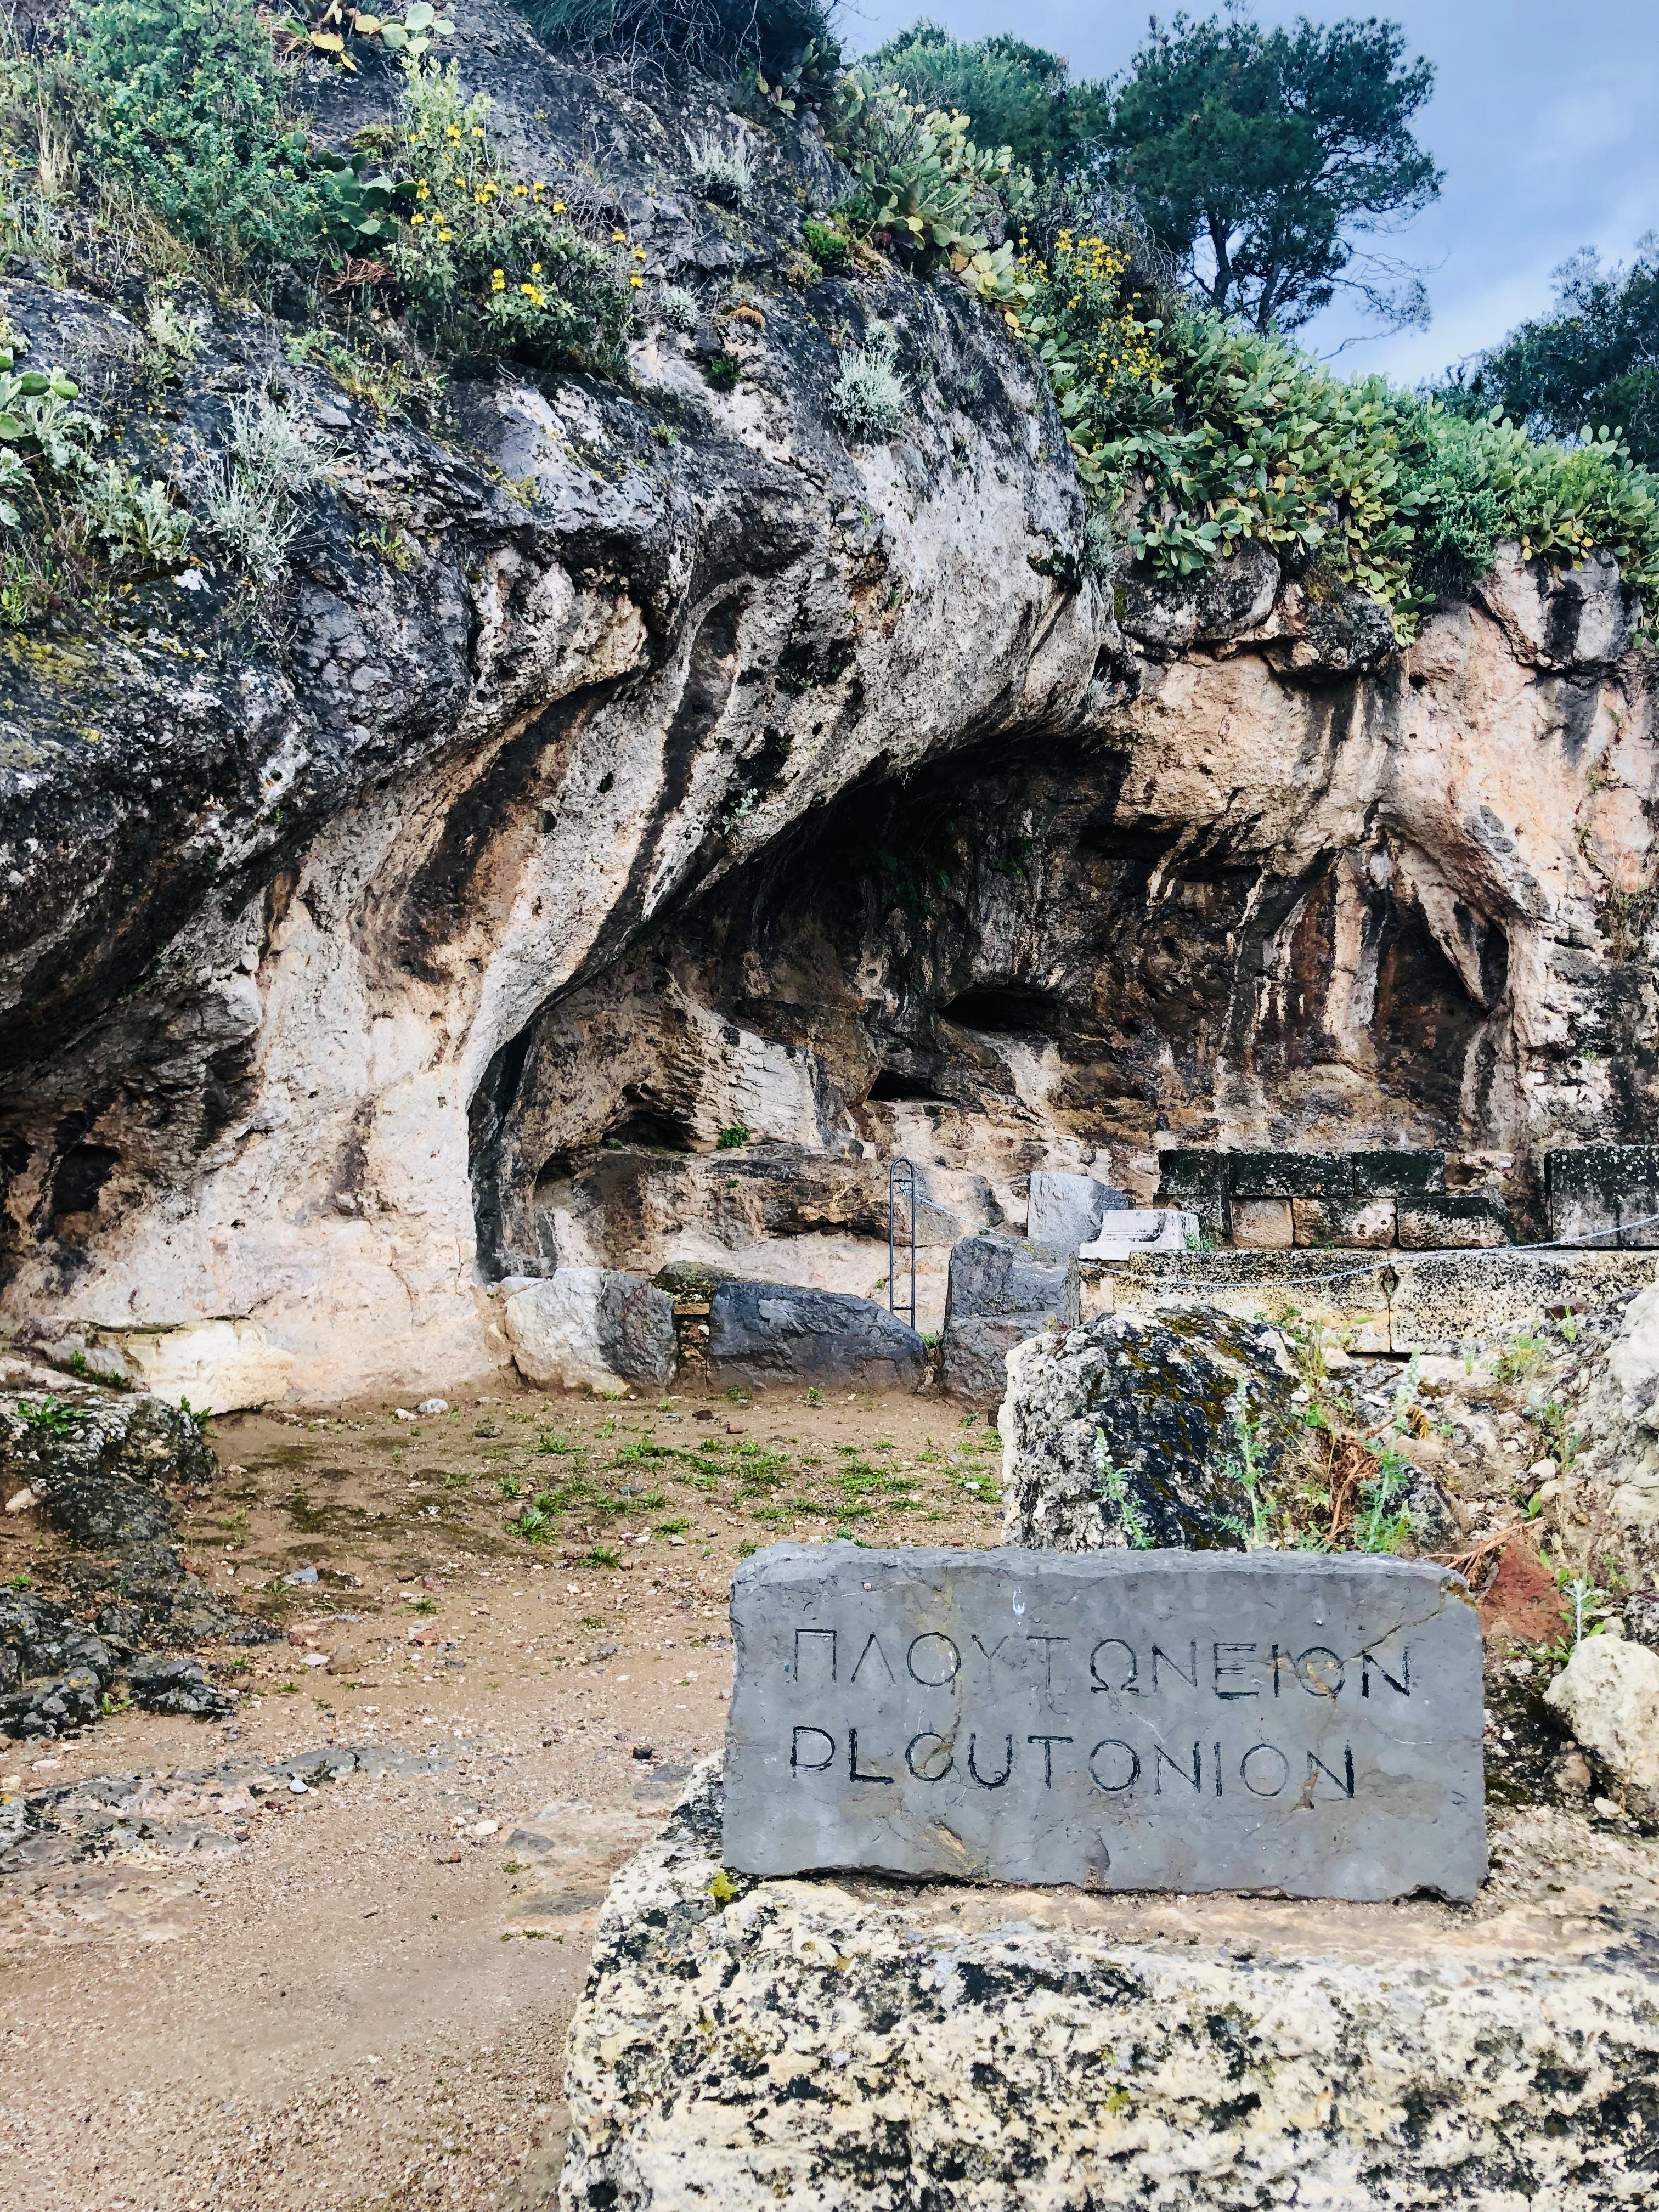 Ploutonion